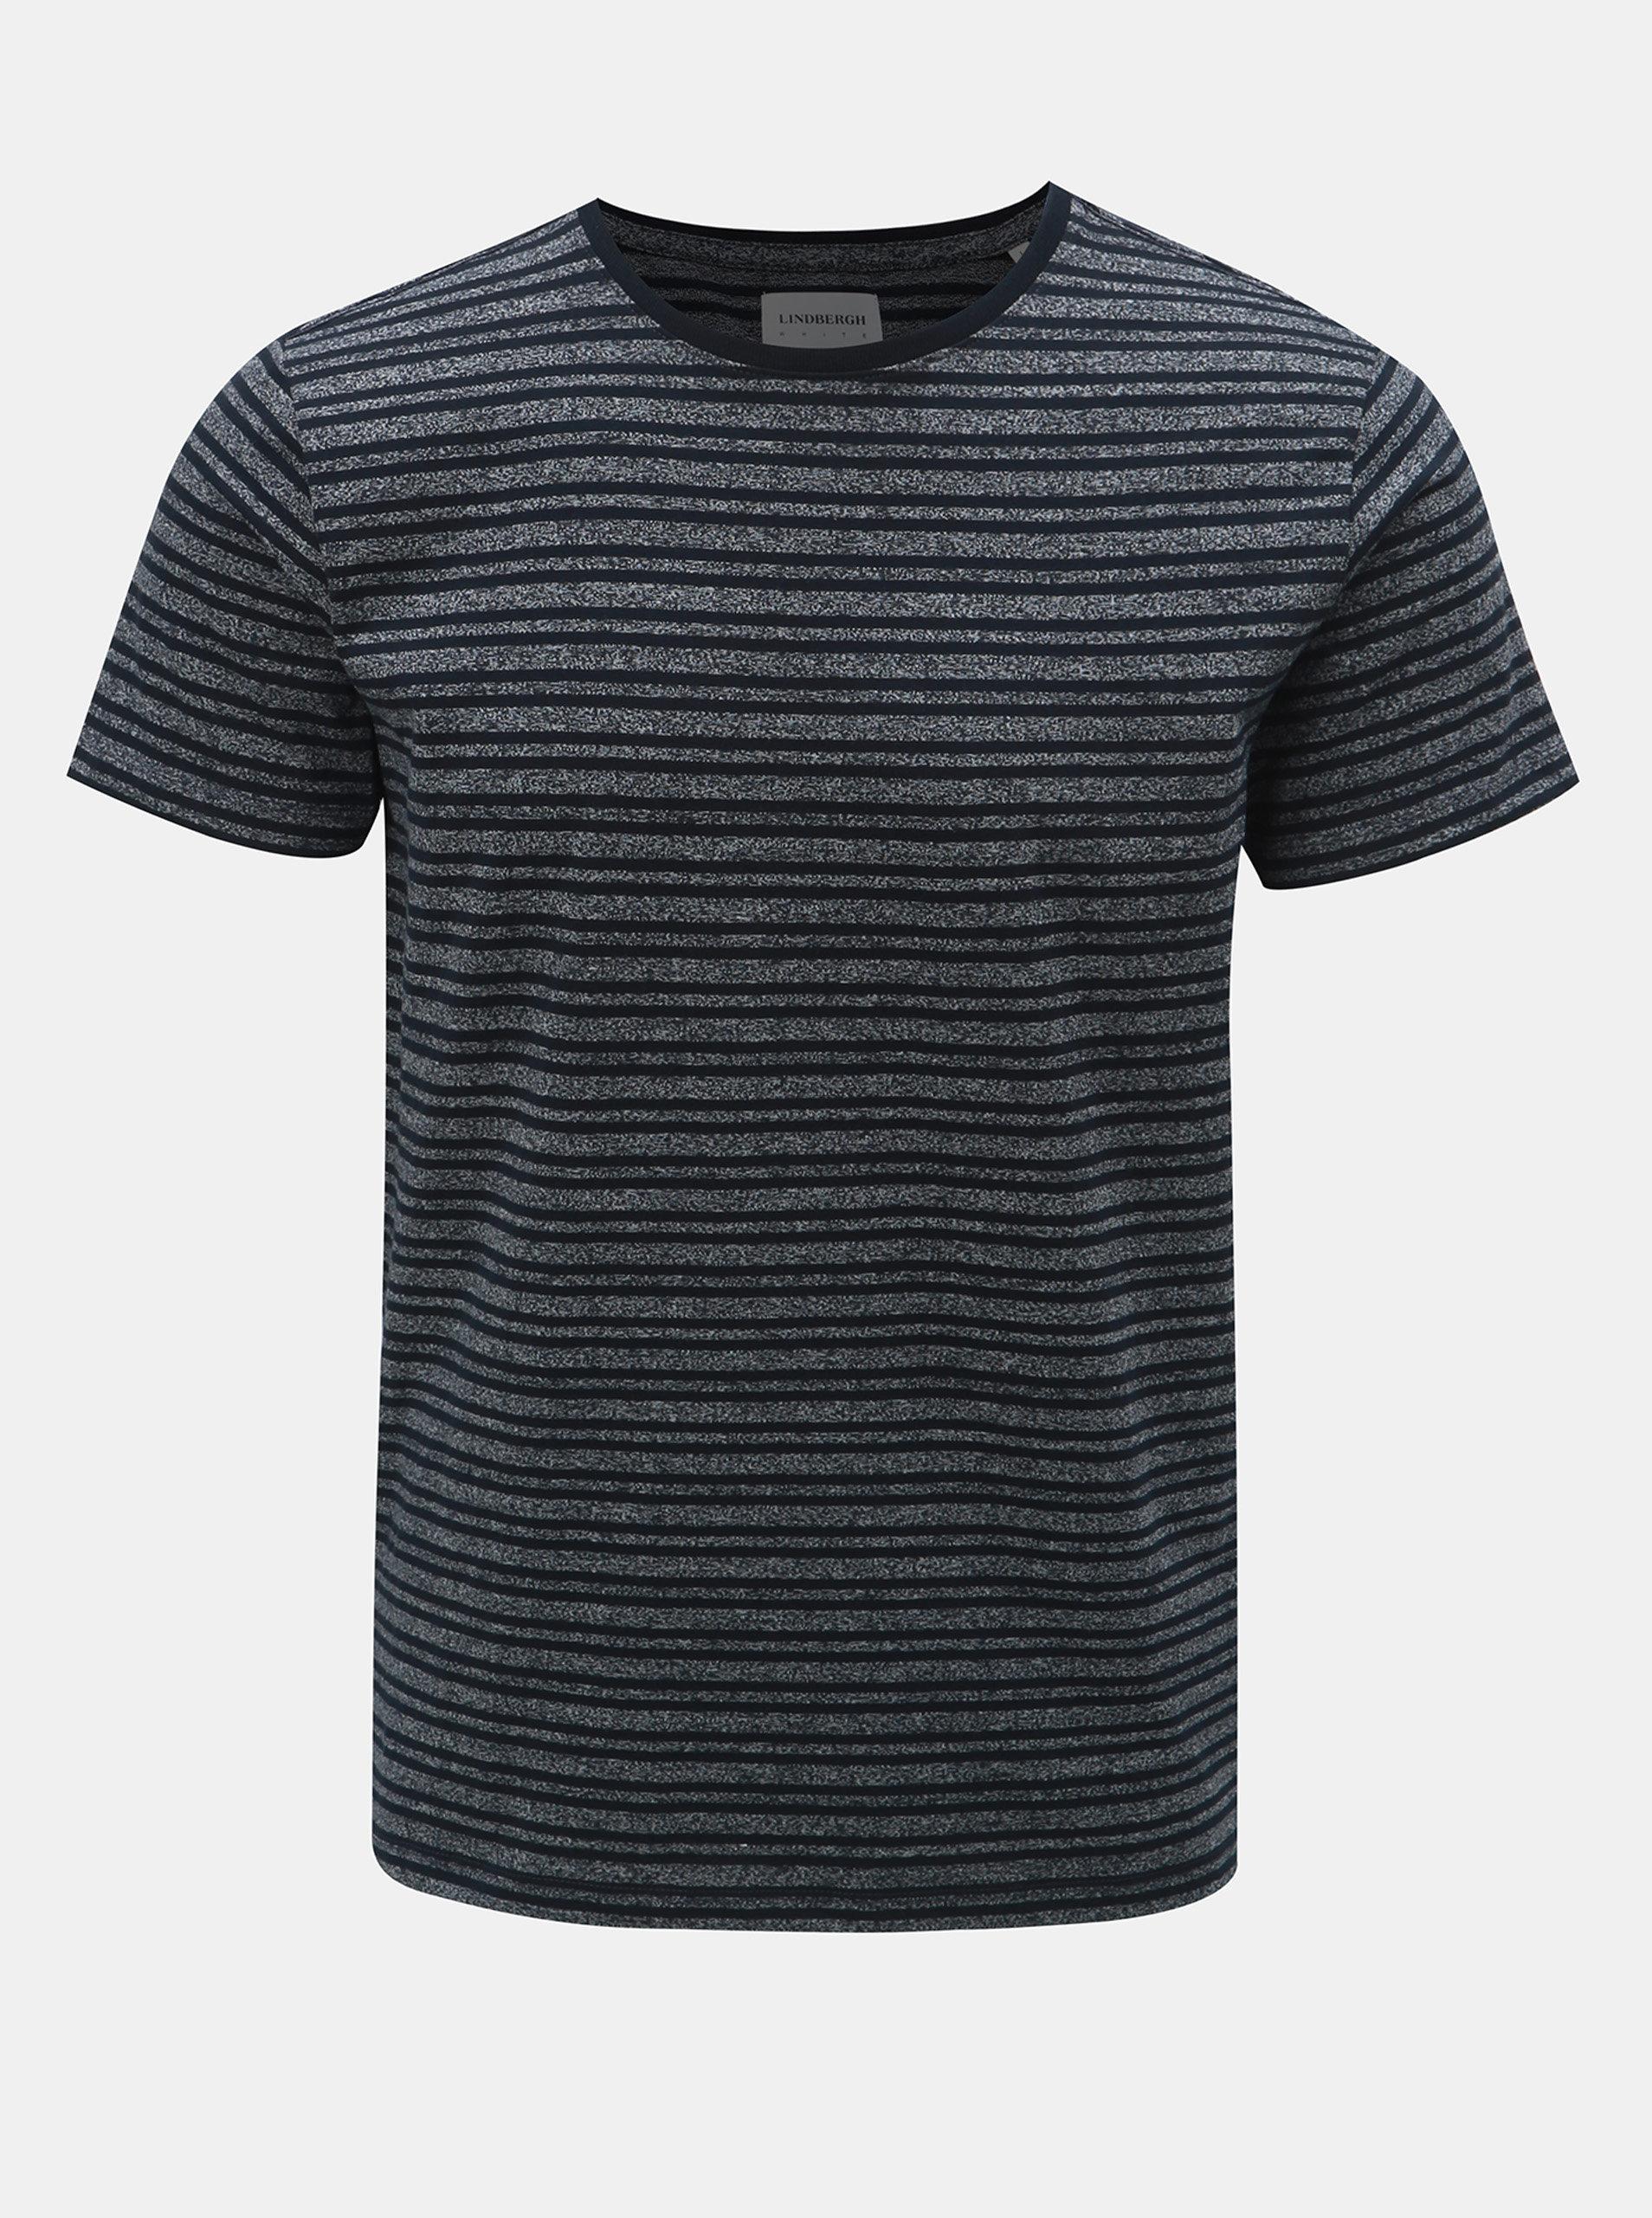 Tmavě modré pruhované tričko s krátkým rukávem Lindbergh ... 3a87054245